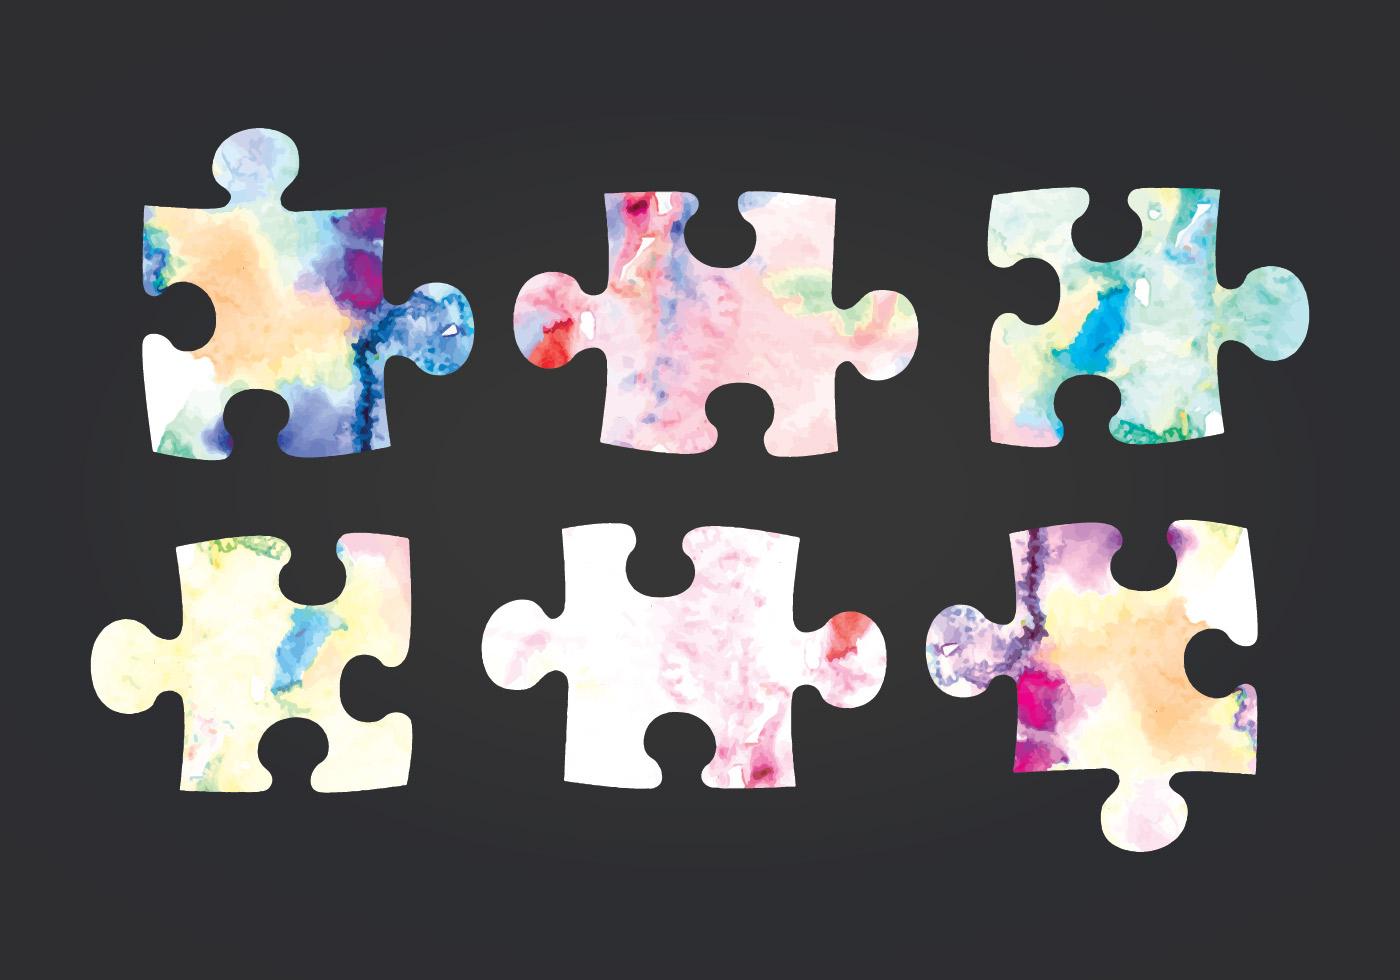 Vector Watercolor Puzzle Pieces - Download Free Vector Art, Stock ...